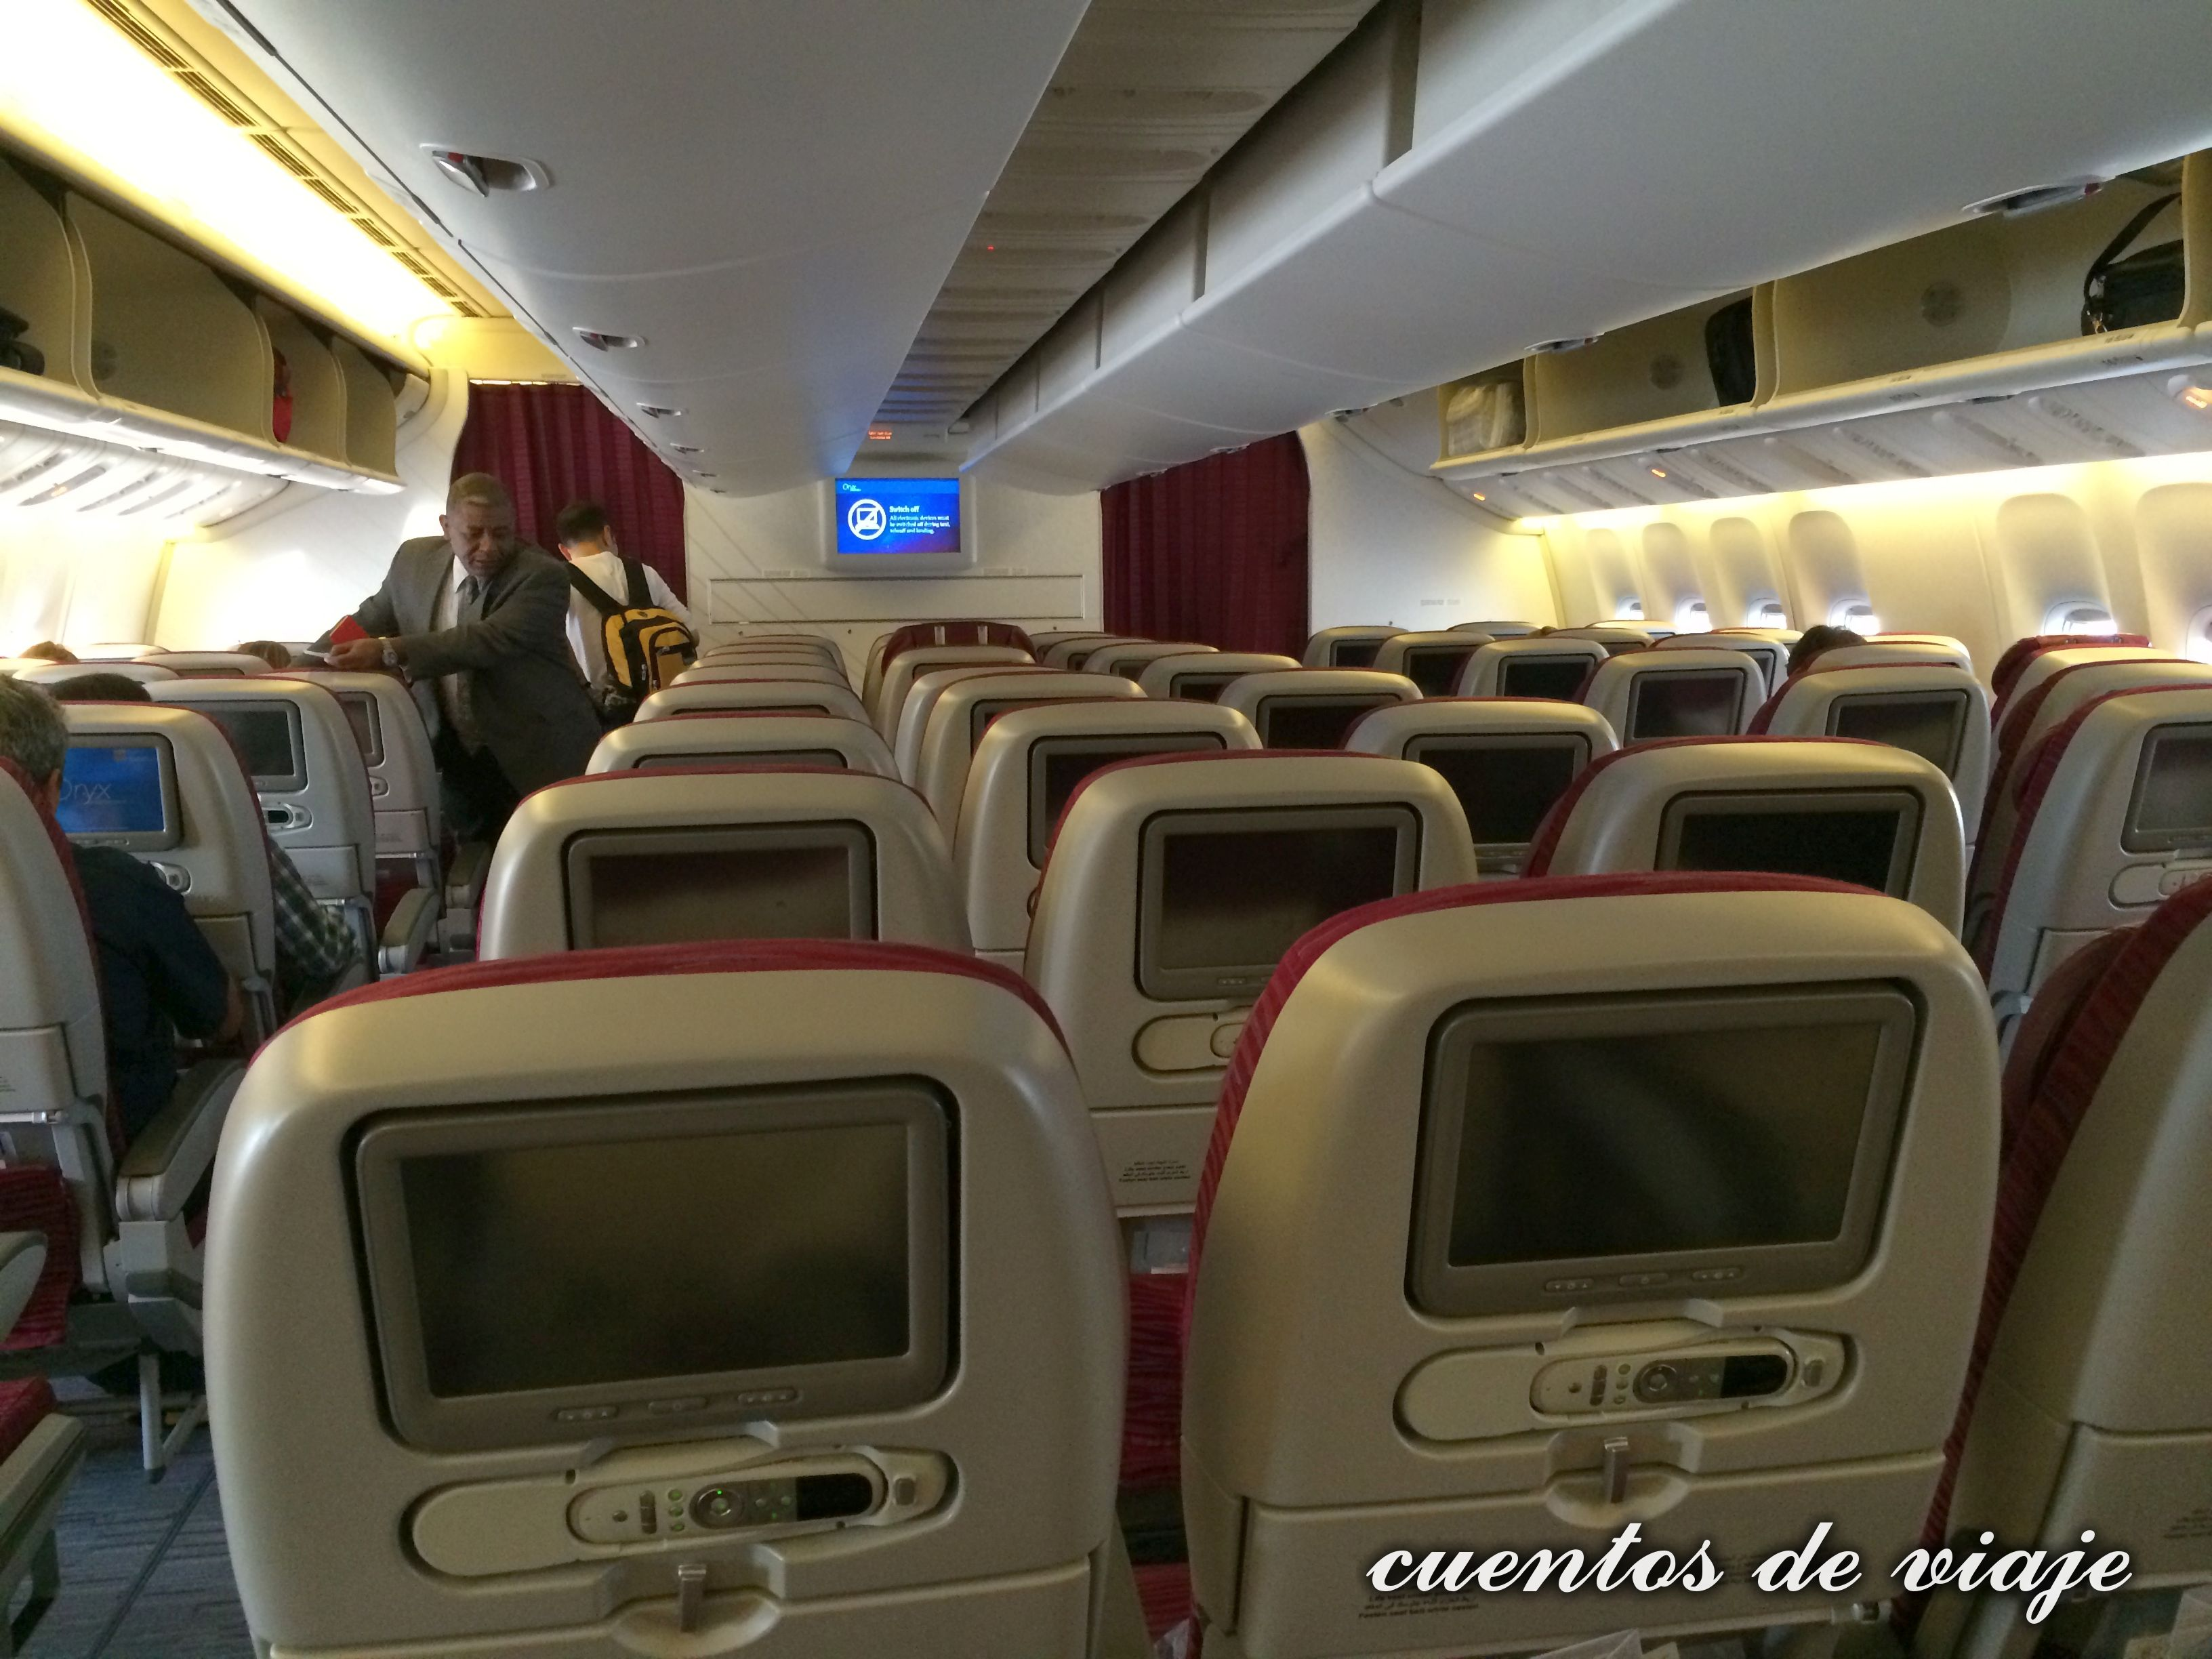 ver avion por dentro: